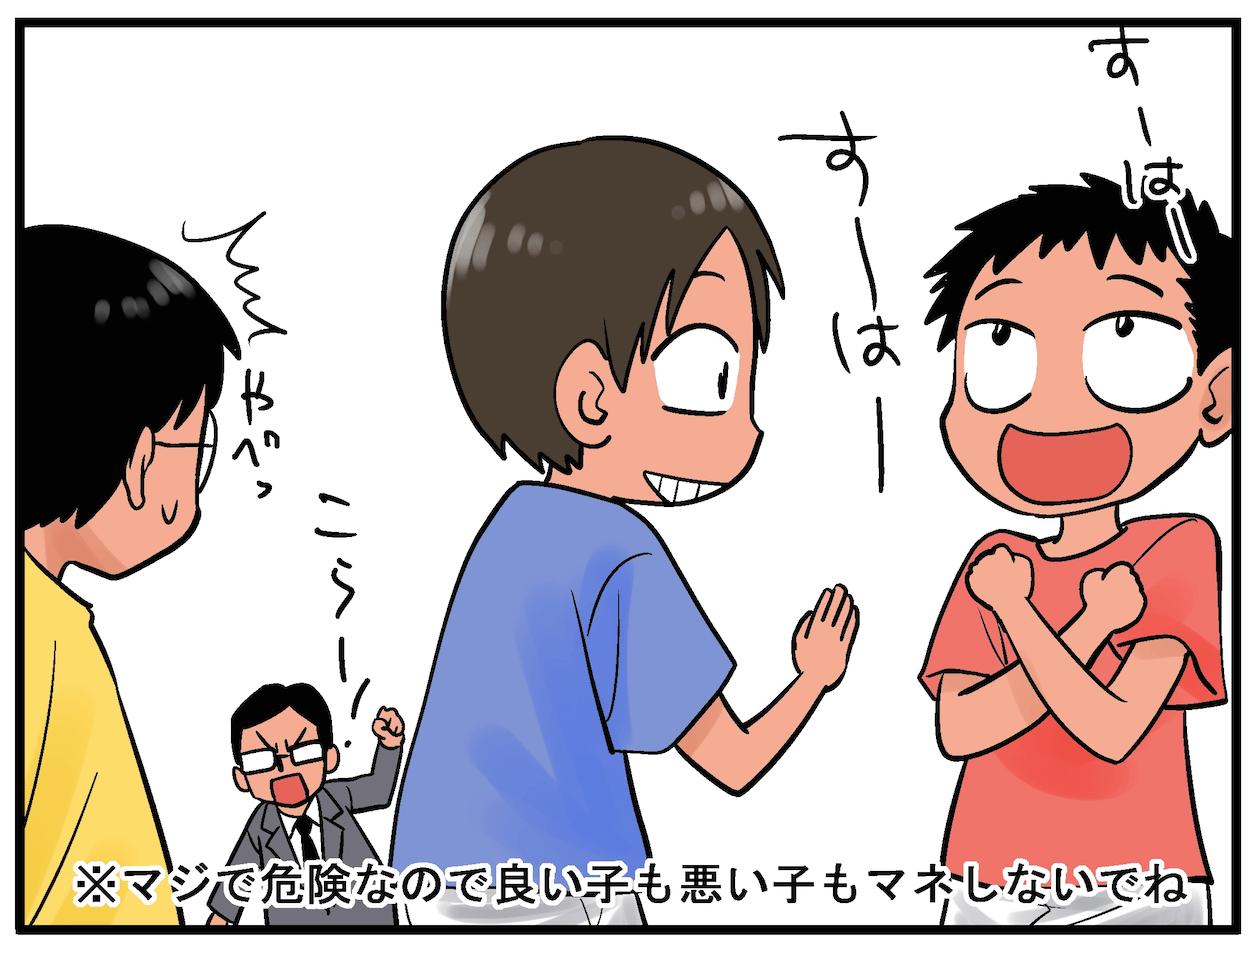 スクリーンショット 2015-09-03 10.18.51